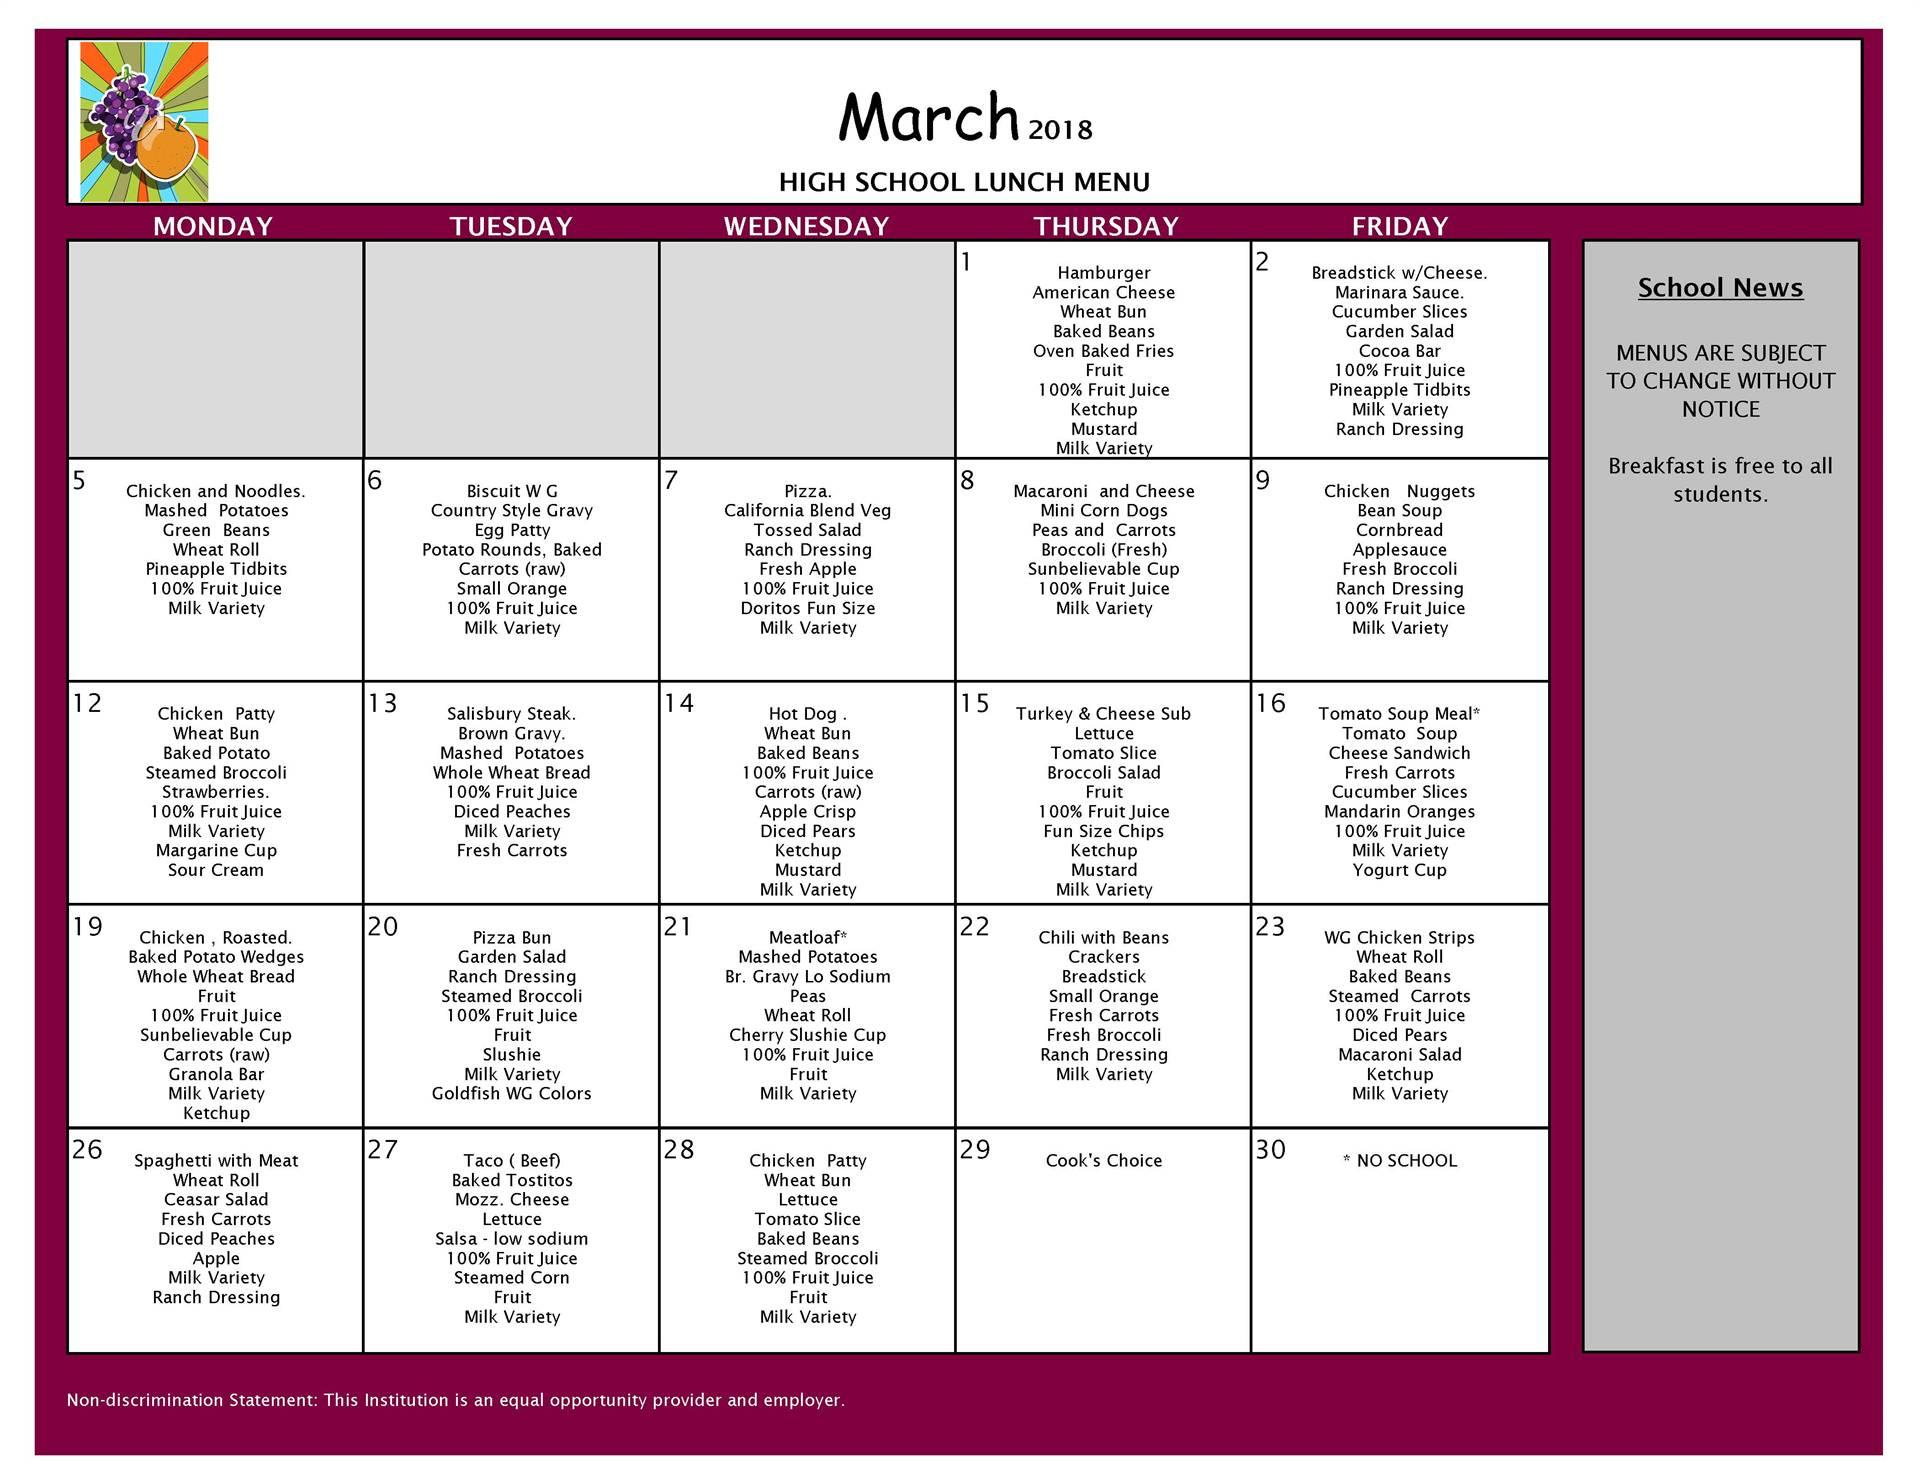 March Lunch Menu - High School